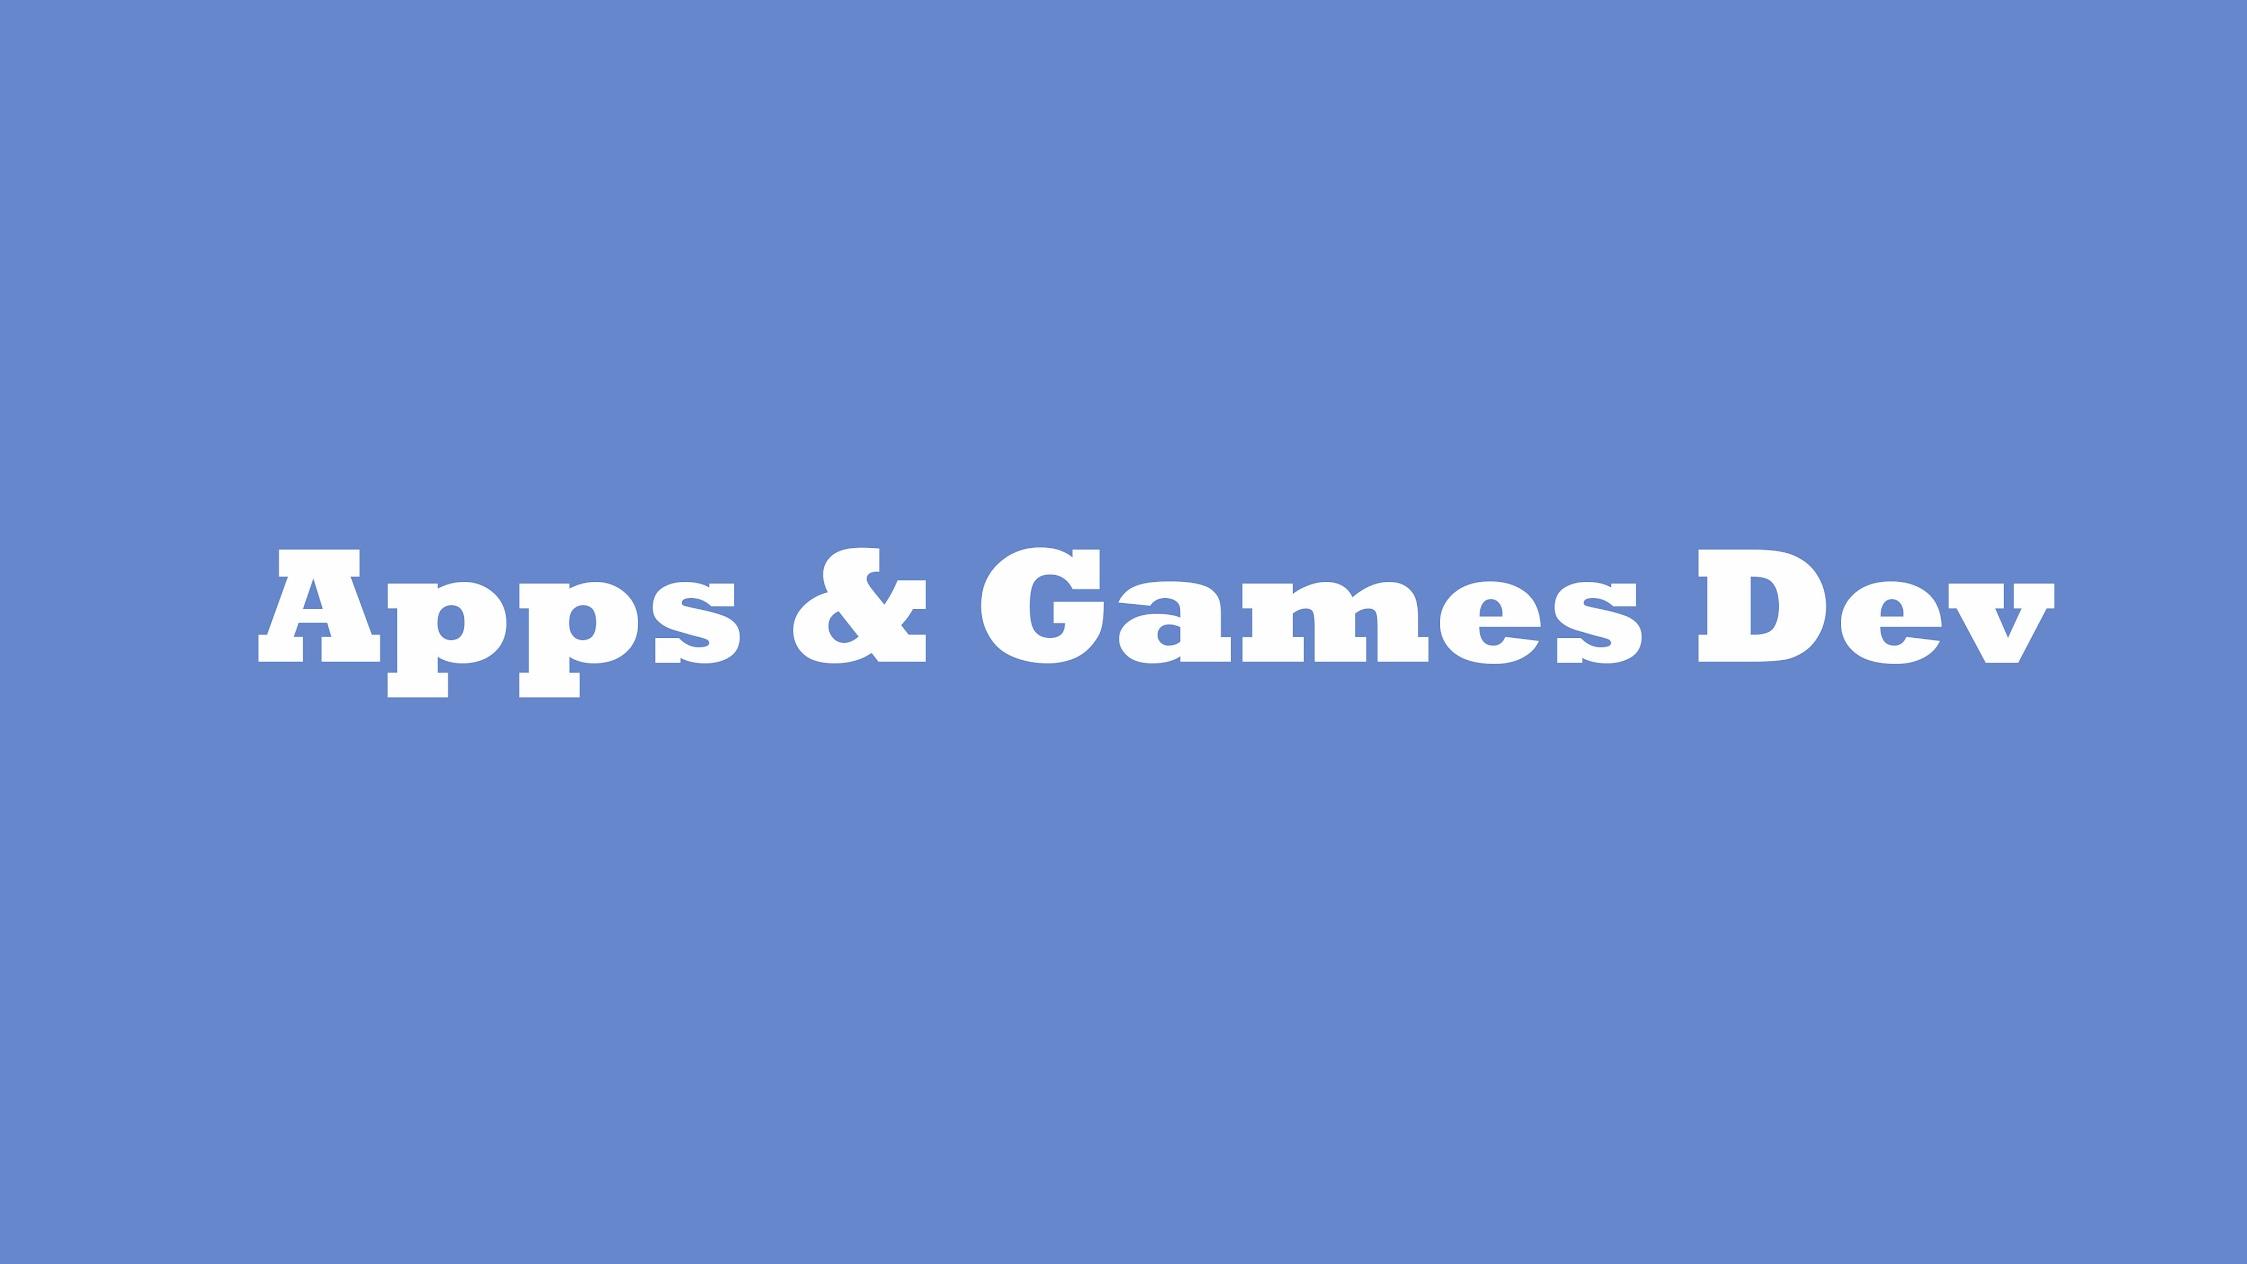 Apps & Games div